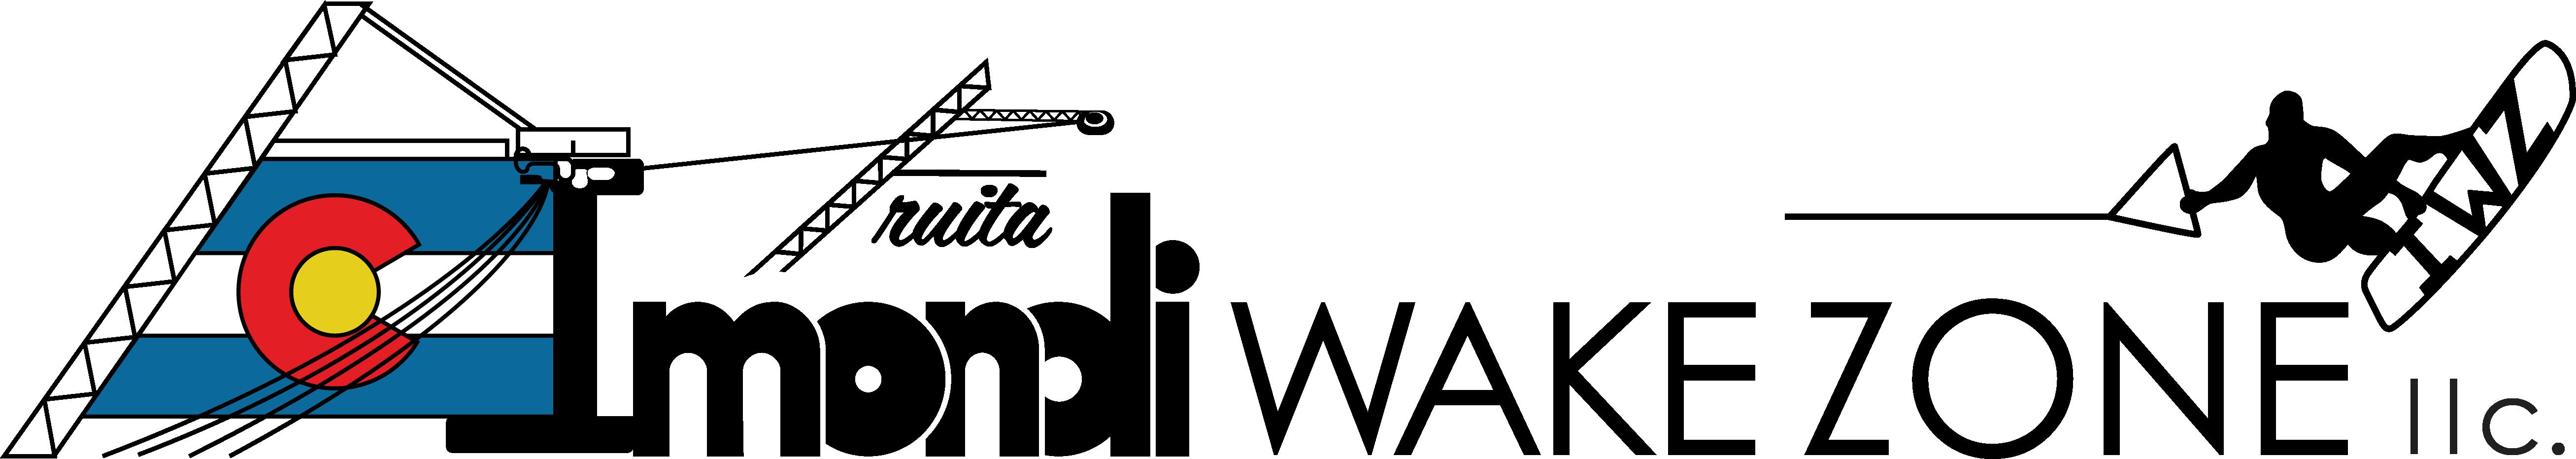 F63f7637 a364 497e 99a3 e3babdf8e5fc